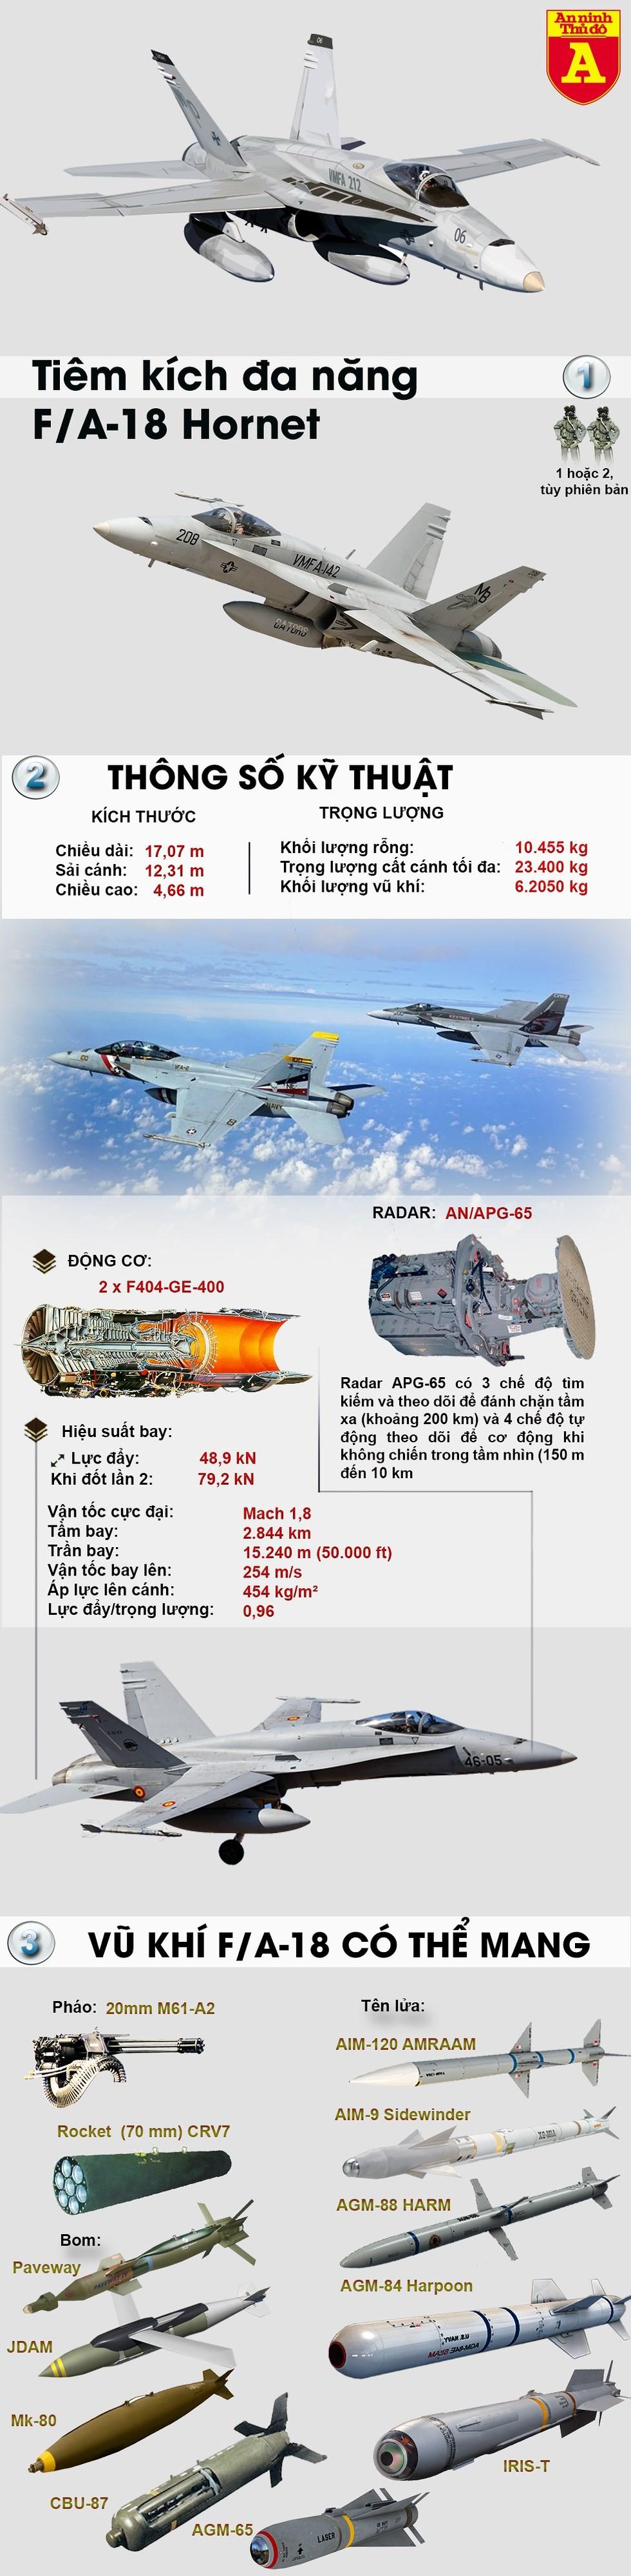 """[Info] Mỹ rút biên chế số lượng lớn """"thần biển"""" F/A-18C, cơ hội cho Việt Nam? ảnh 2"""